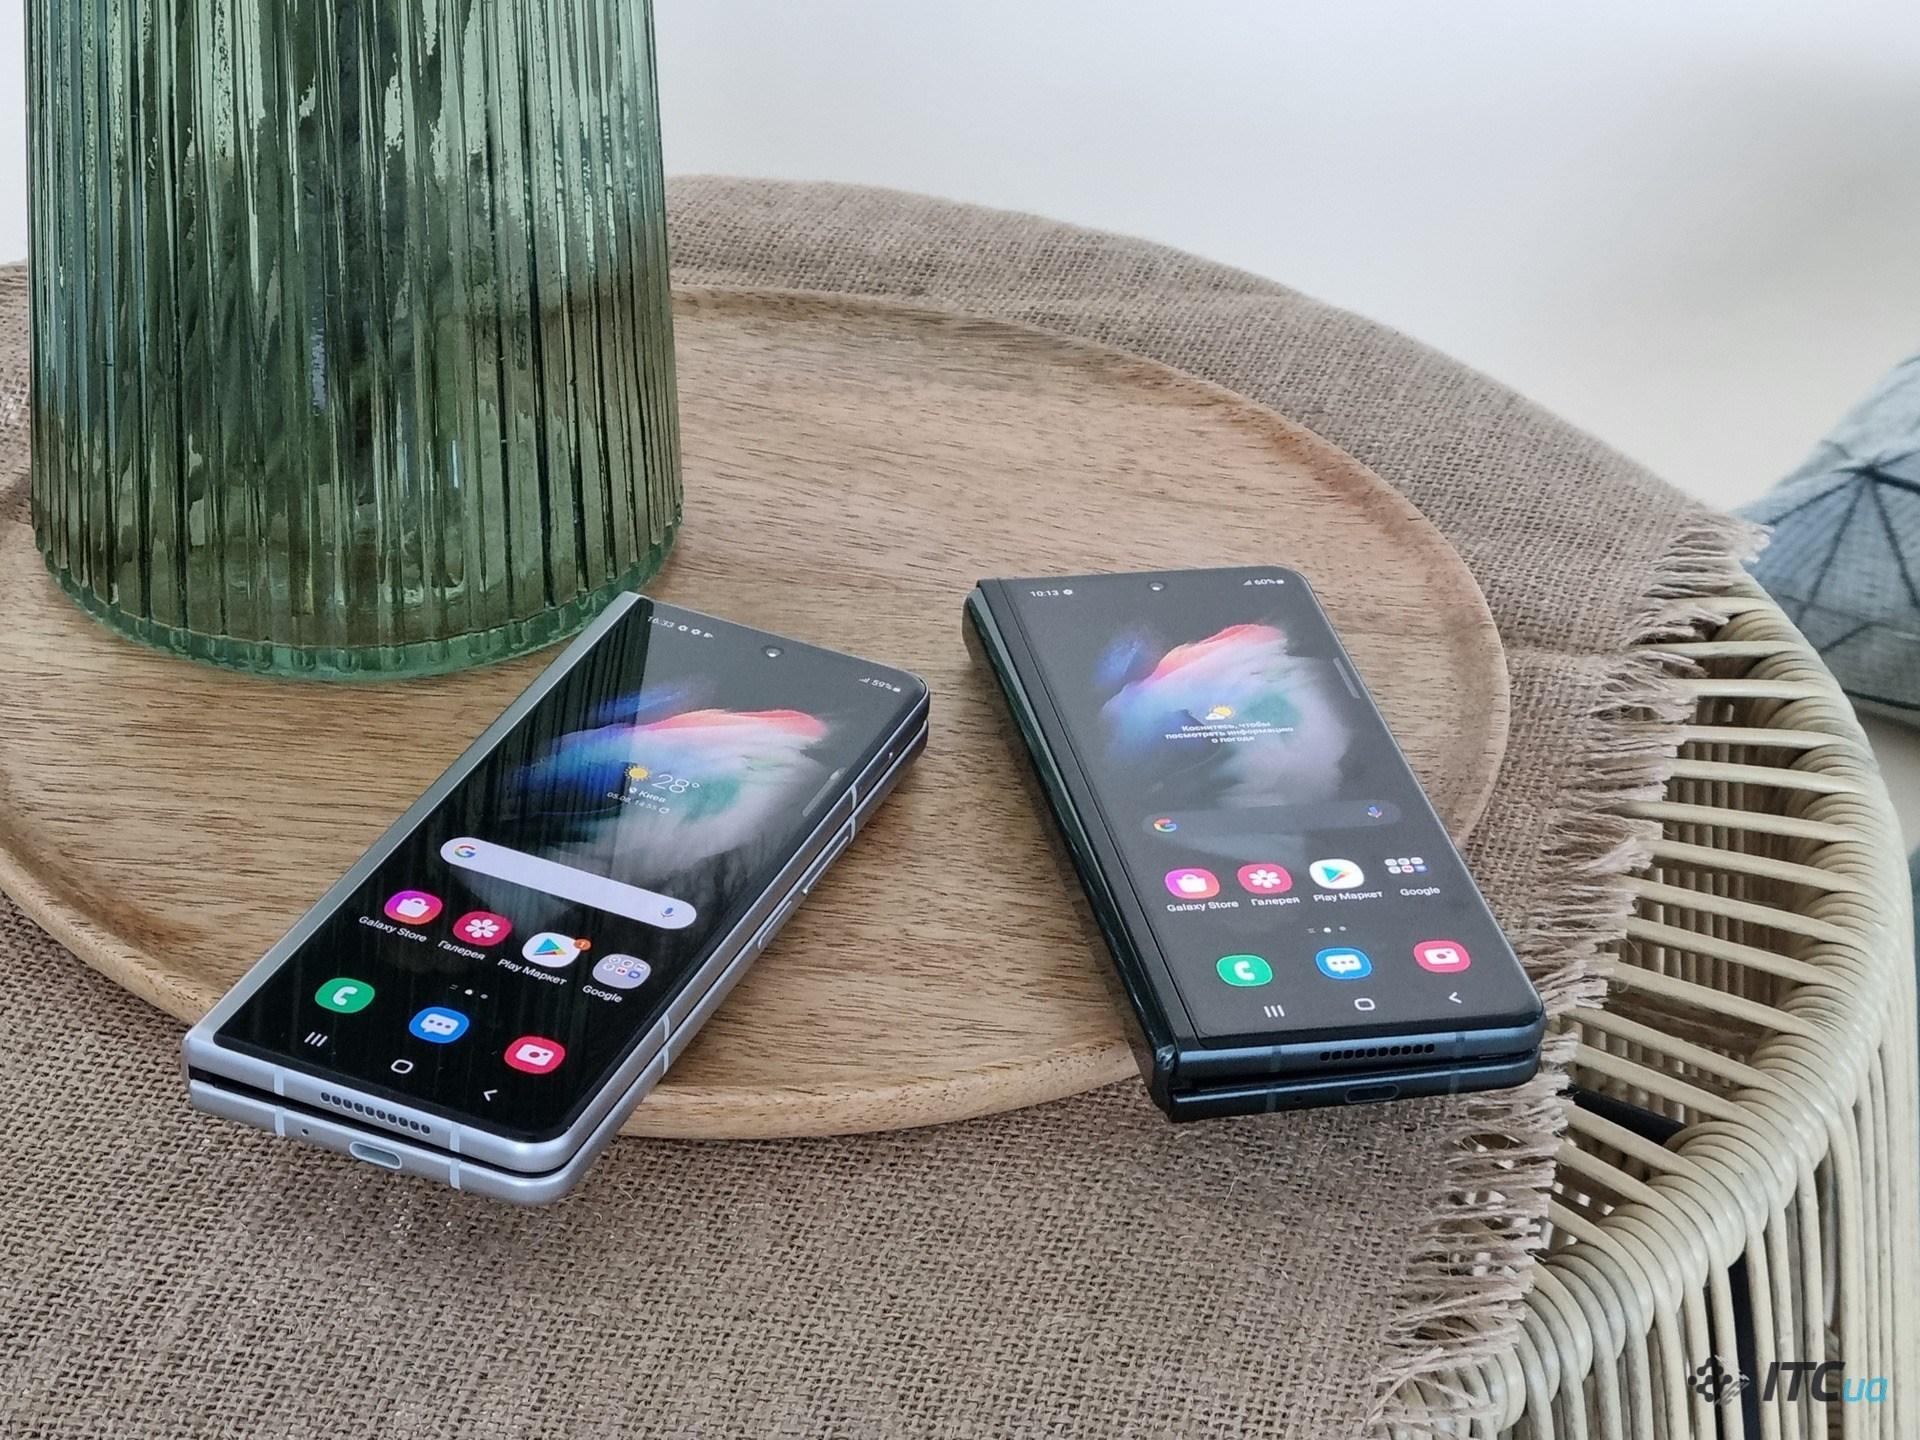 В Україні почалися продажі найновіших пристроїв Galaxy — складаних смартфонів Z Fold3 та Z Flip3, годинників Watch4 та бездротових навушників Buds2 - ITC.ua